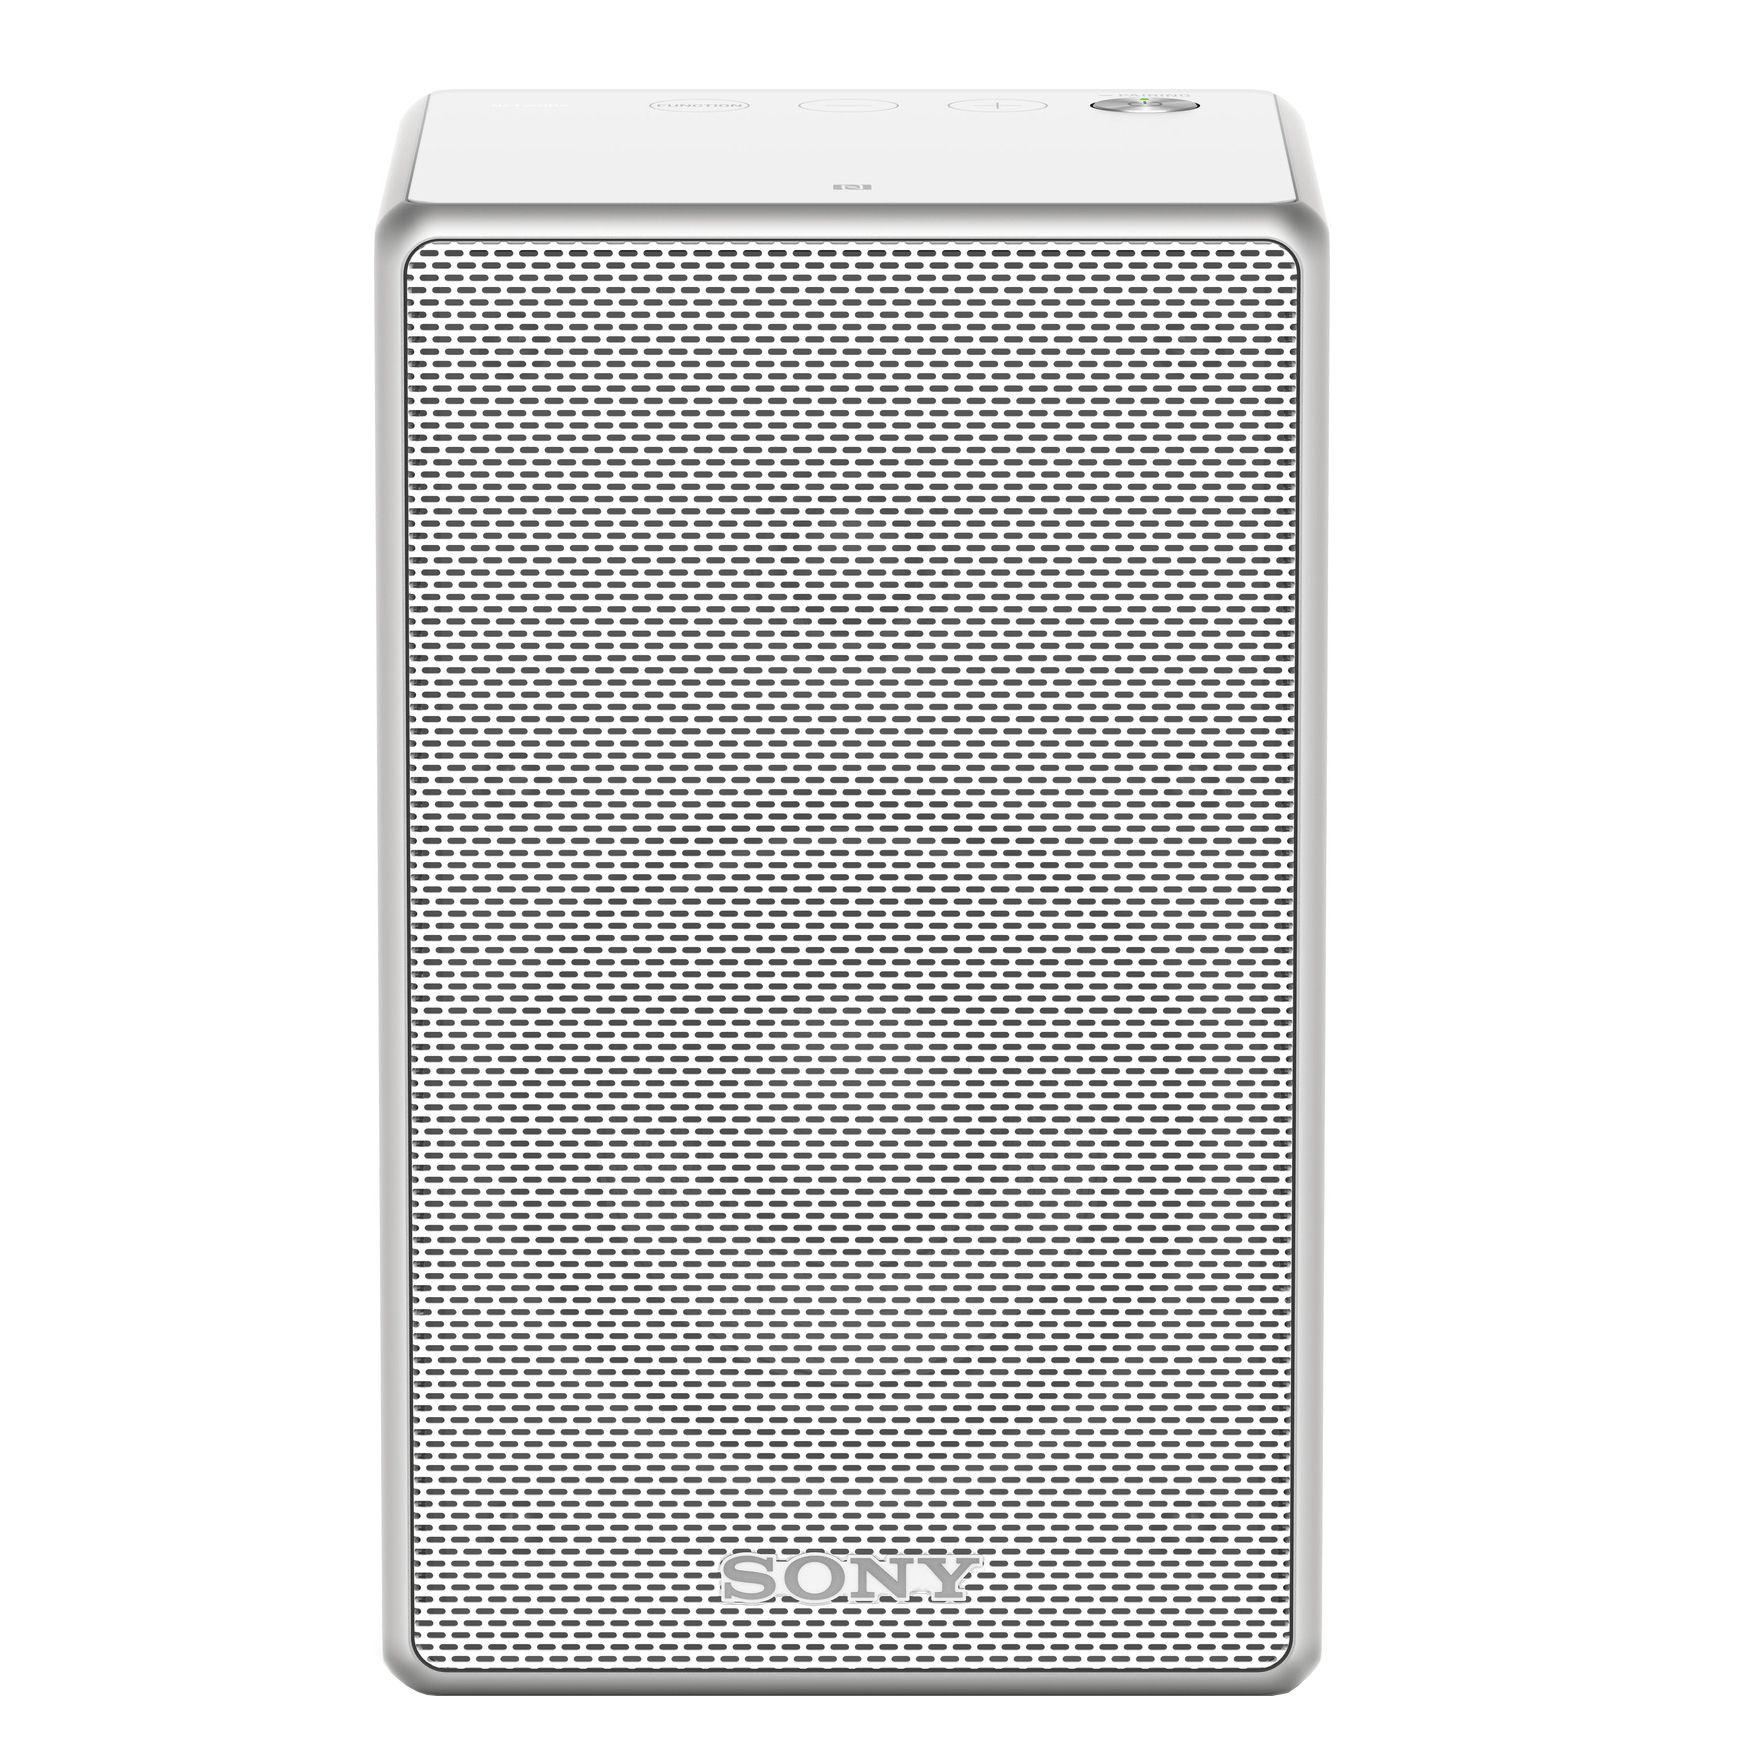 Boxa portabila Sony SRS-ZR5 Wi-Fi NFC Alb